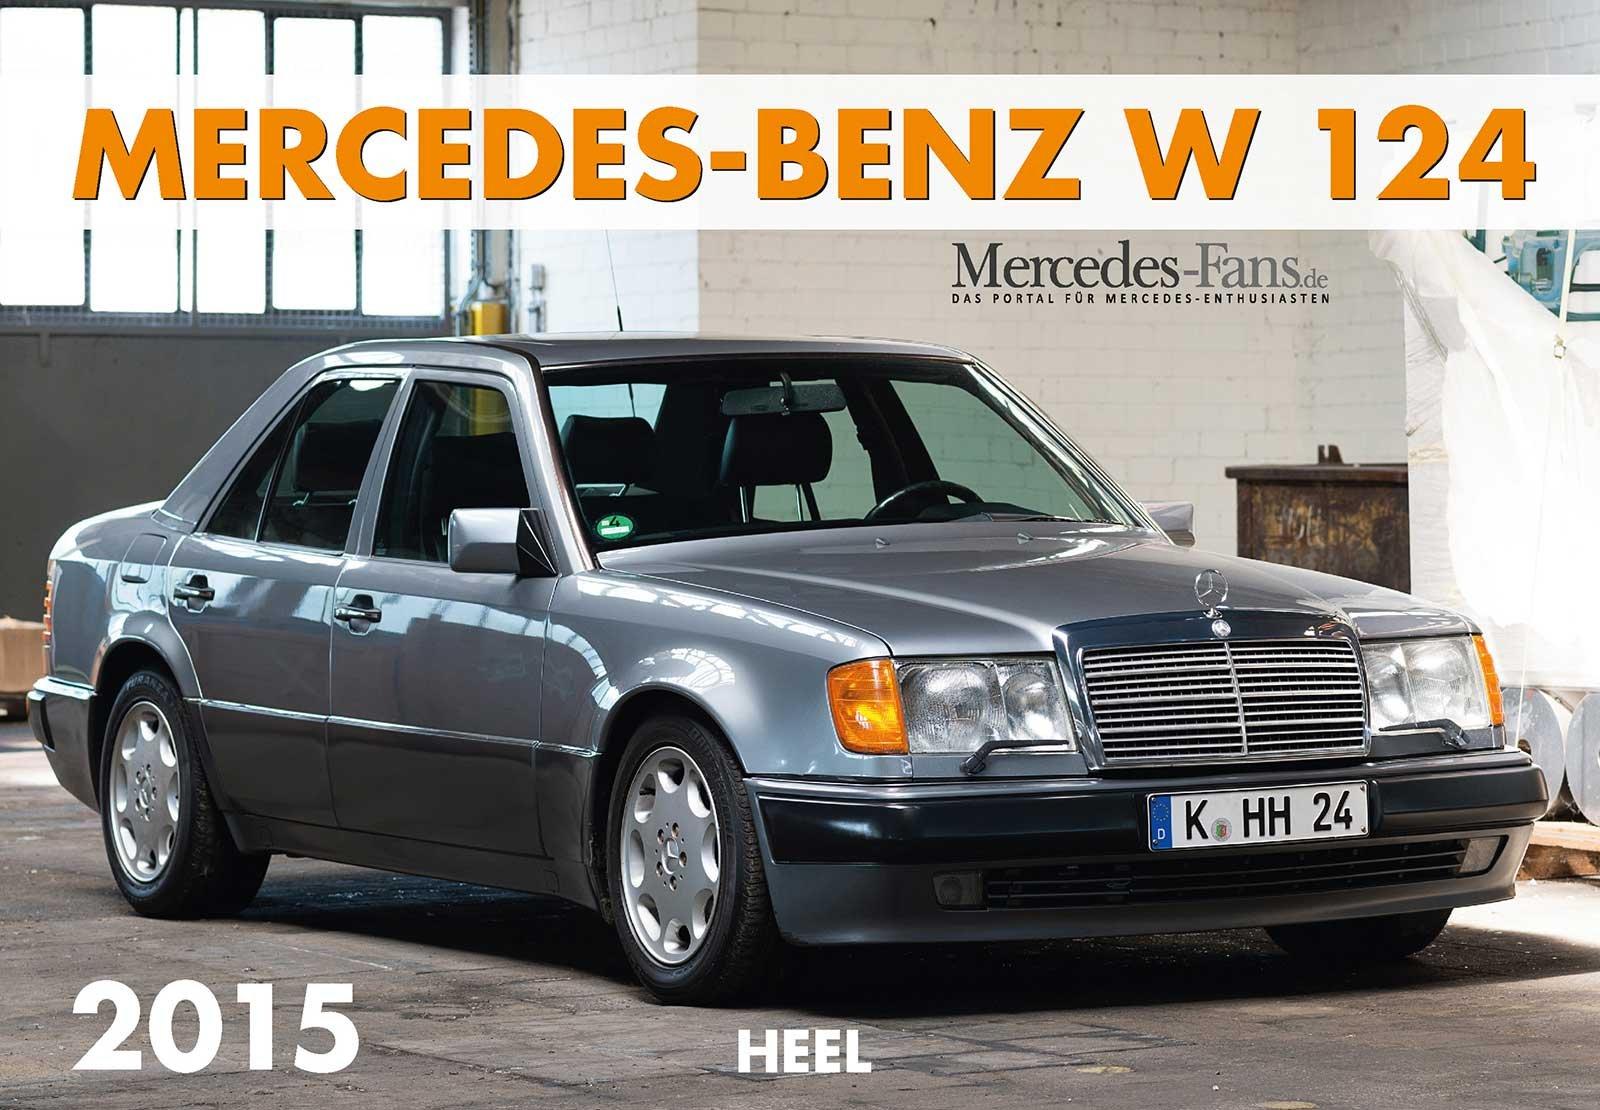 mercedes-benz-w-124-2015